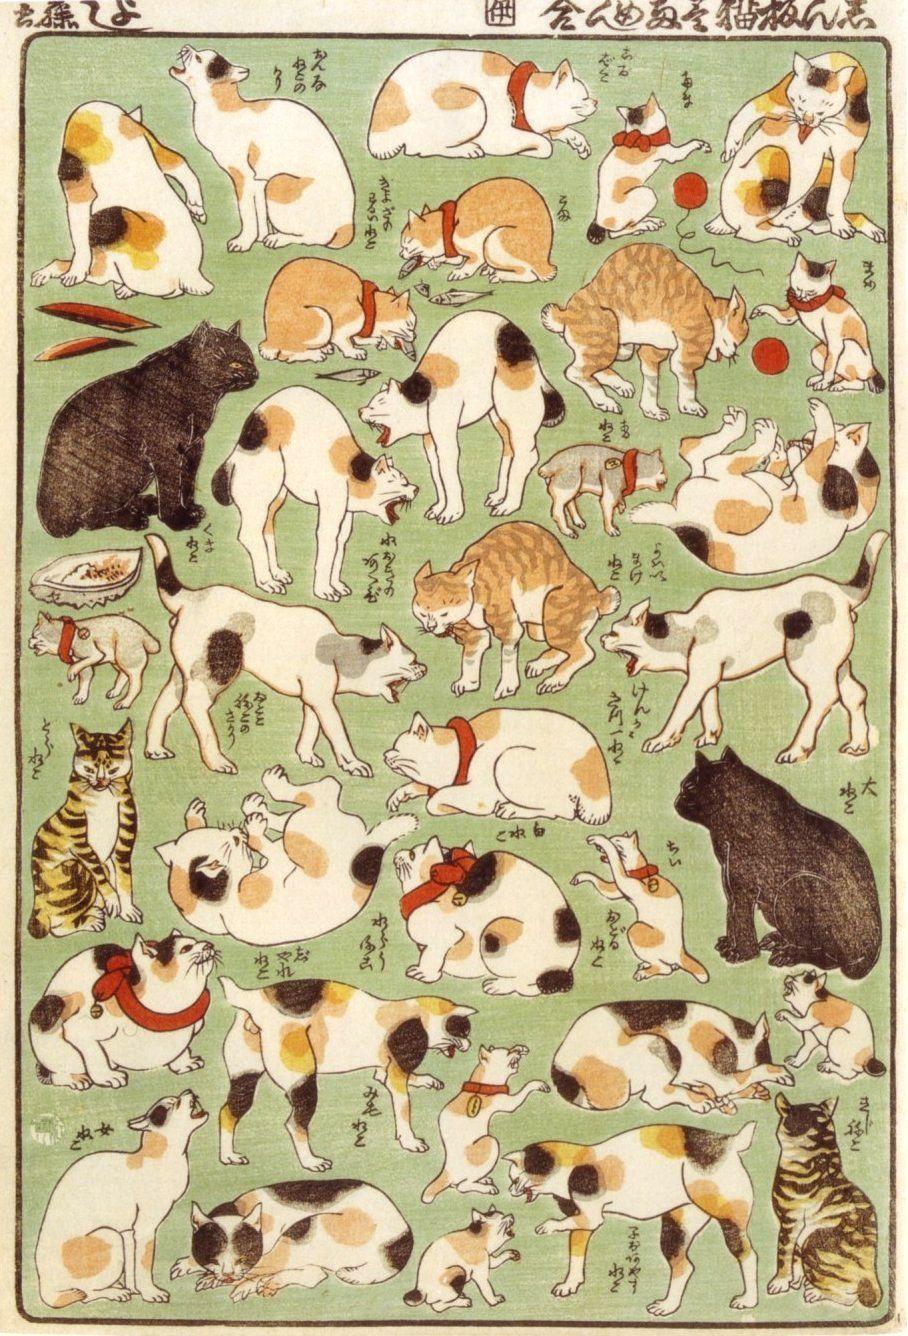 動物の浮世絵画像を貼ってみる - vipってなんぞ? …   イラスト   pinte…